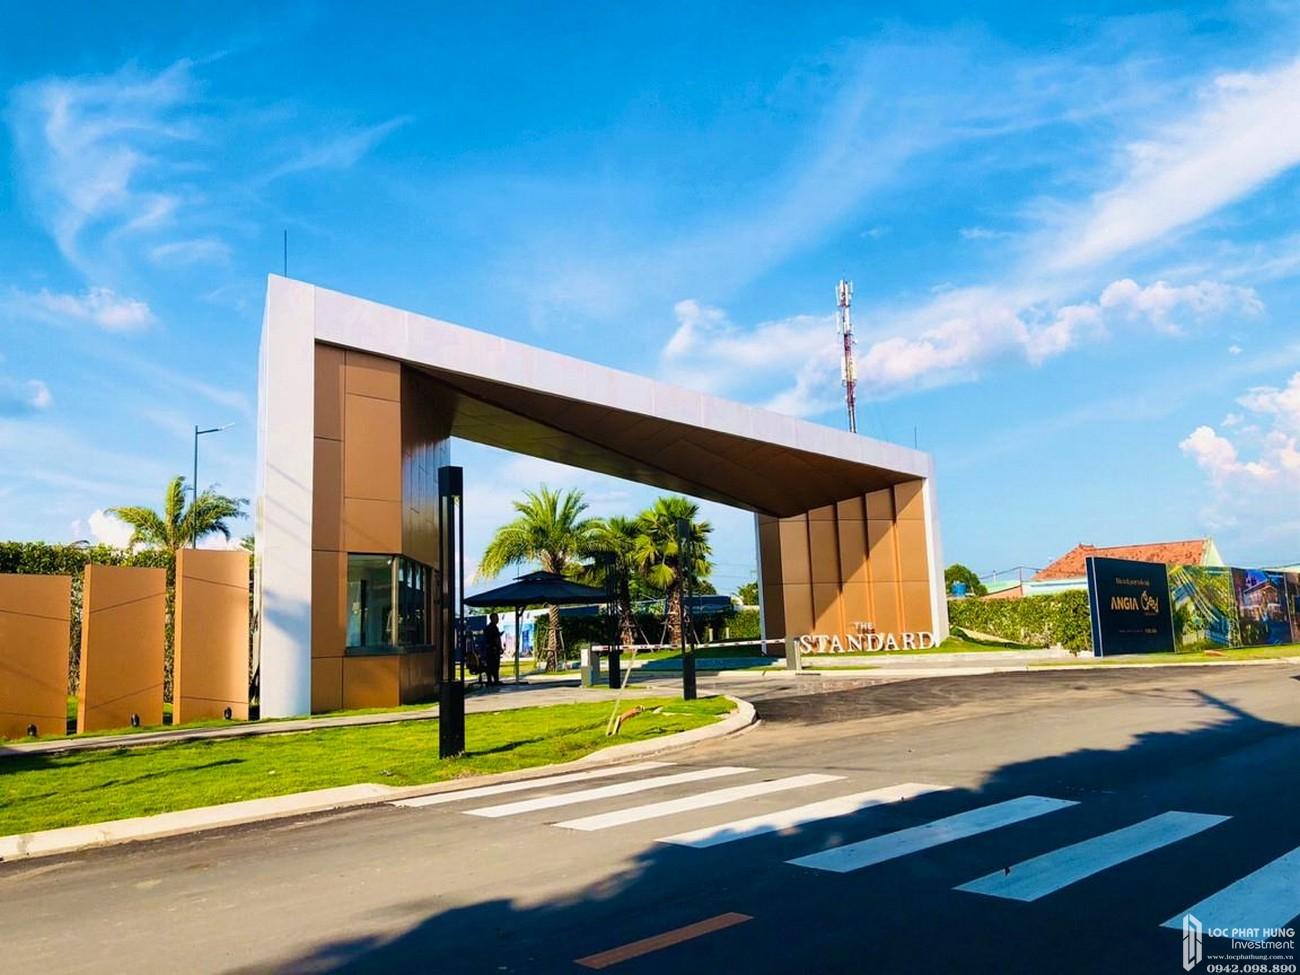 Tiến độ The Standard dự án nhà phố Bình Dương | Ngày 08/09/2020